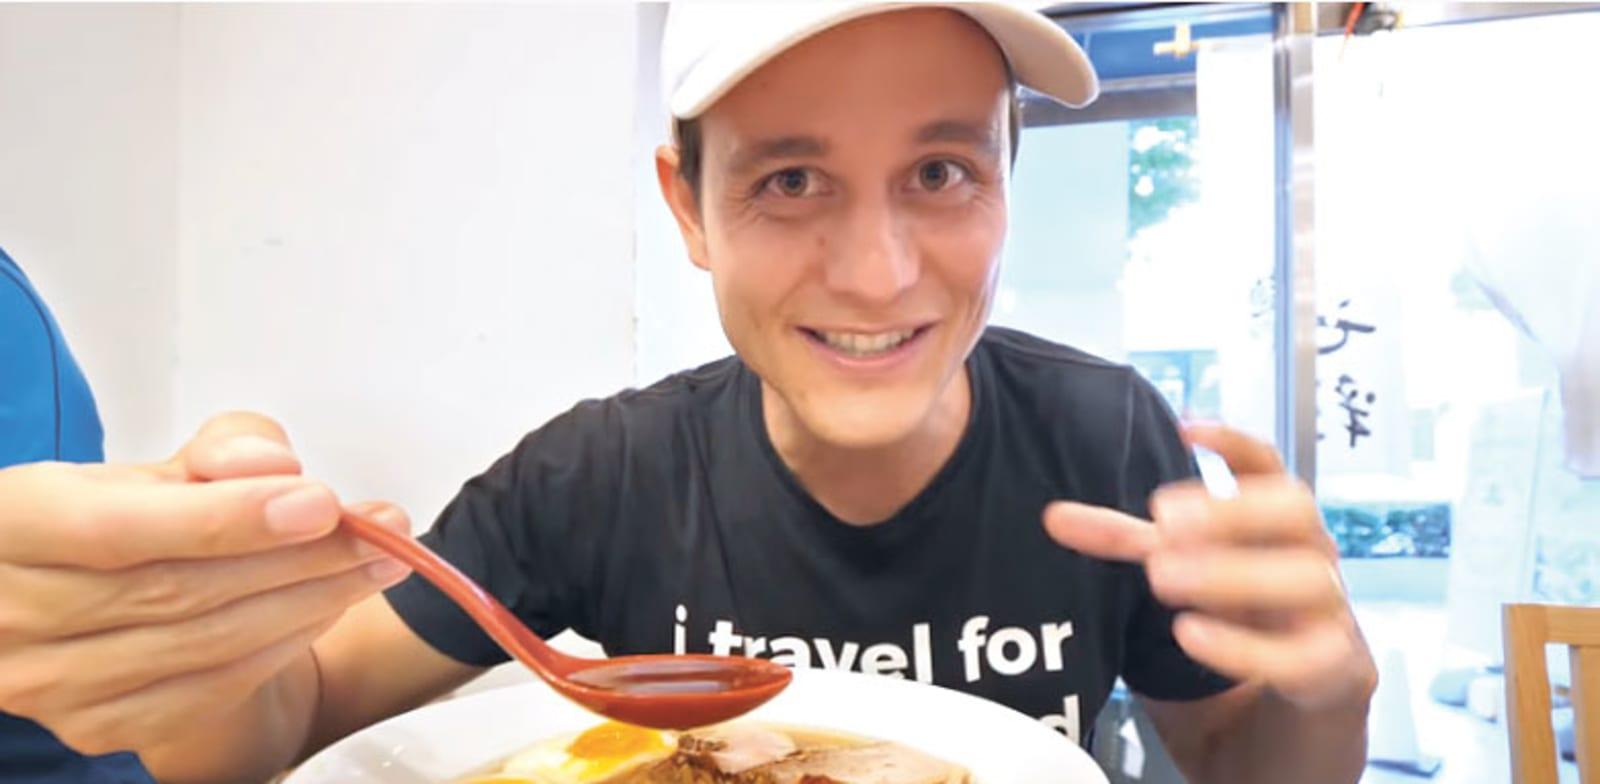 הווידאו בלוגר מרק ווינס. 8 מיליון עוקבים והתמחות בטיולים ואוכל / צילום: צילום מסך מהיוטיוב של Mark Wiens